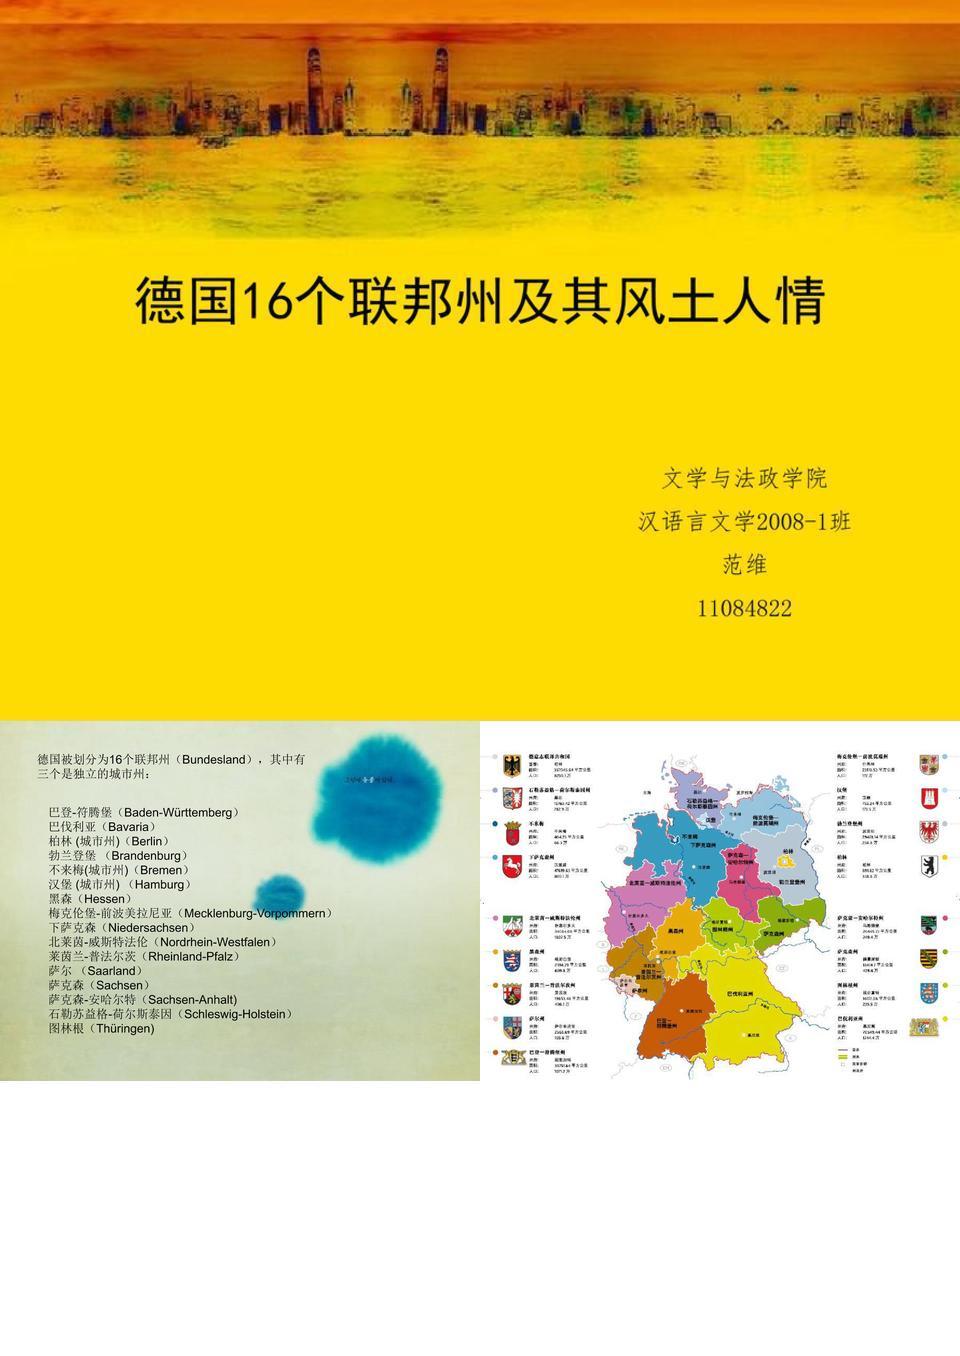 德国16个联邦州及其风土人情.ppt